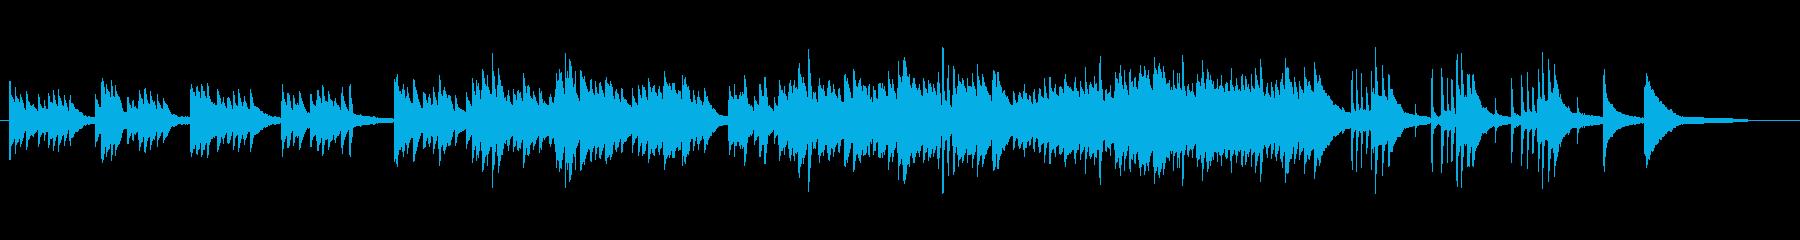 静かで優しげなピアノソロの再生済みの波形